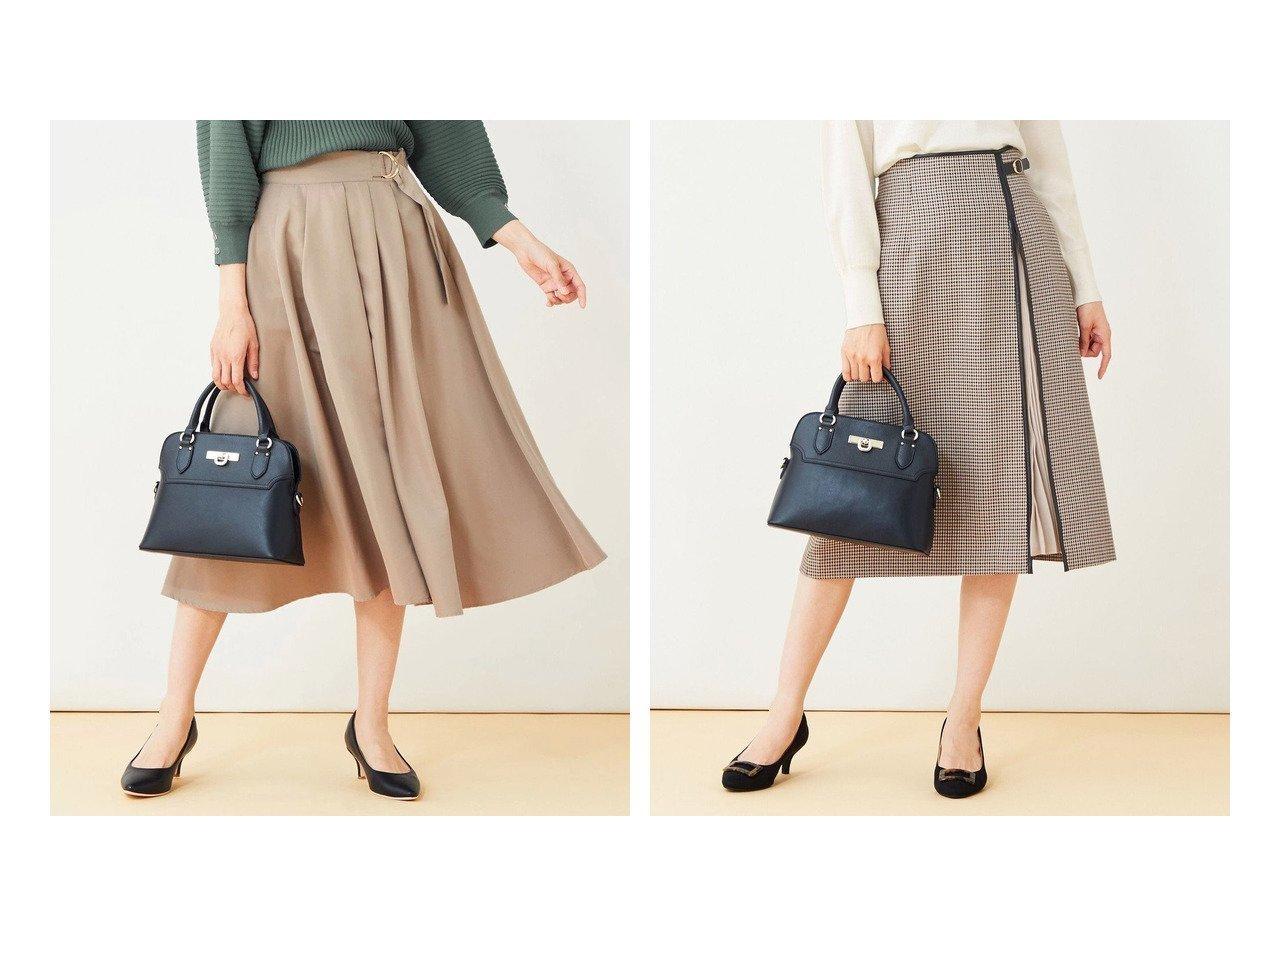 【any SiS/エニィ スィス】の【洗える】バックルポイントタフタ スカート&【洗える】ハイウエスト2WAYレディ スカート 【スカート】おすすめ!人気、トレンド・レディースファッションの通販 おすすめで人気の流行・トレンド、ファッションの通販商品 インテリア・家具・メンズファッション・キッズファッション・レディースファッション・服の通販 founy(ファニー) https://founy.com/ ファッション Fashion レディースファッション WOMEN スカート Skirt バッグ Bag 送料無料 Free Shipping フレア ミモレ 洗える クラシカル シフォン チェック プリーツ 冬 Winter 無地 秋 Autumn/Fall  ID:crp329100000065347